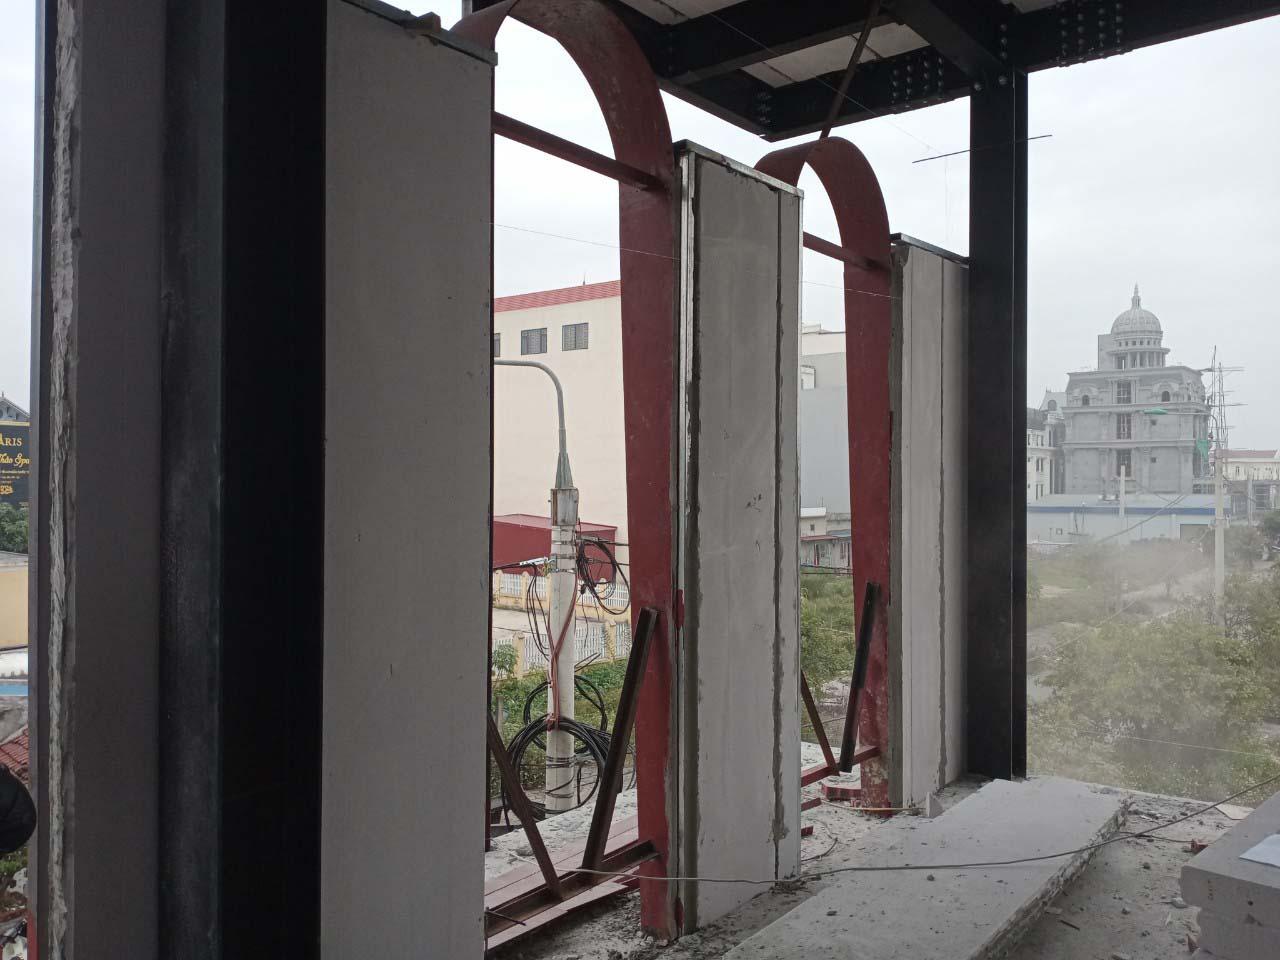 Hệ thống cửa sổ lớn có thiết kế mái vòm tạo không gian mở cho quán